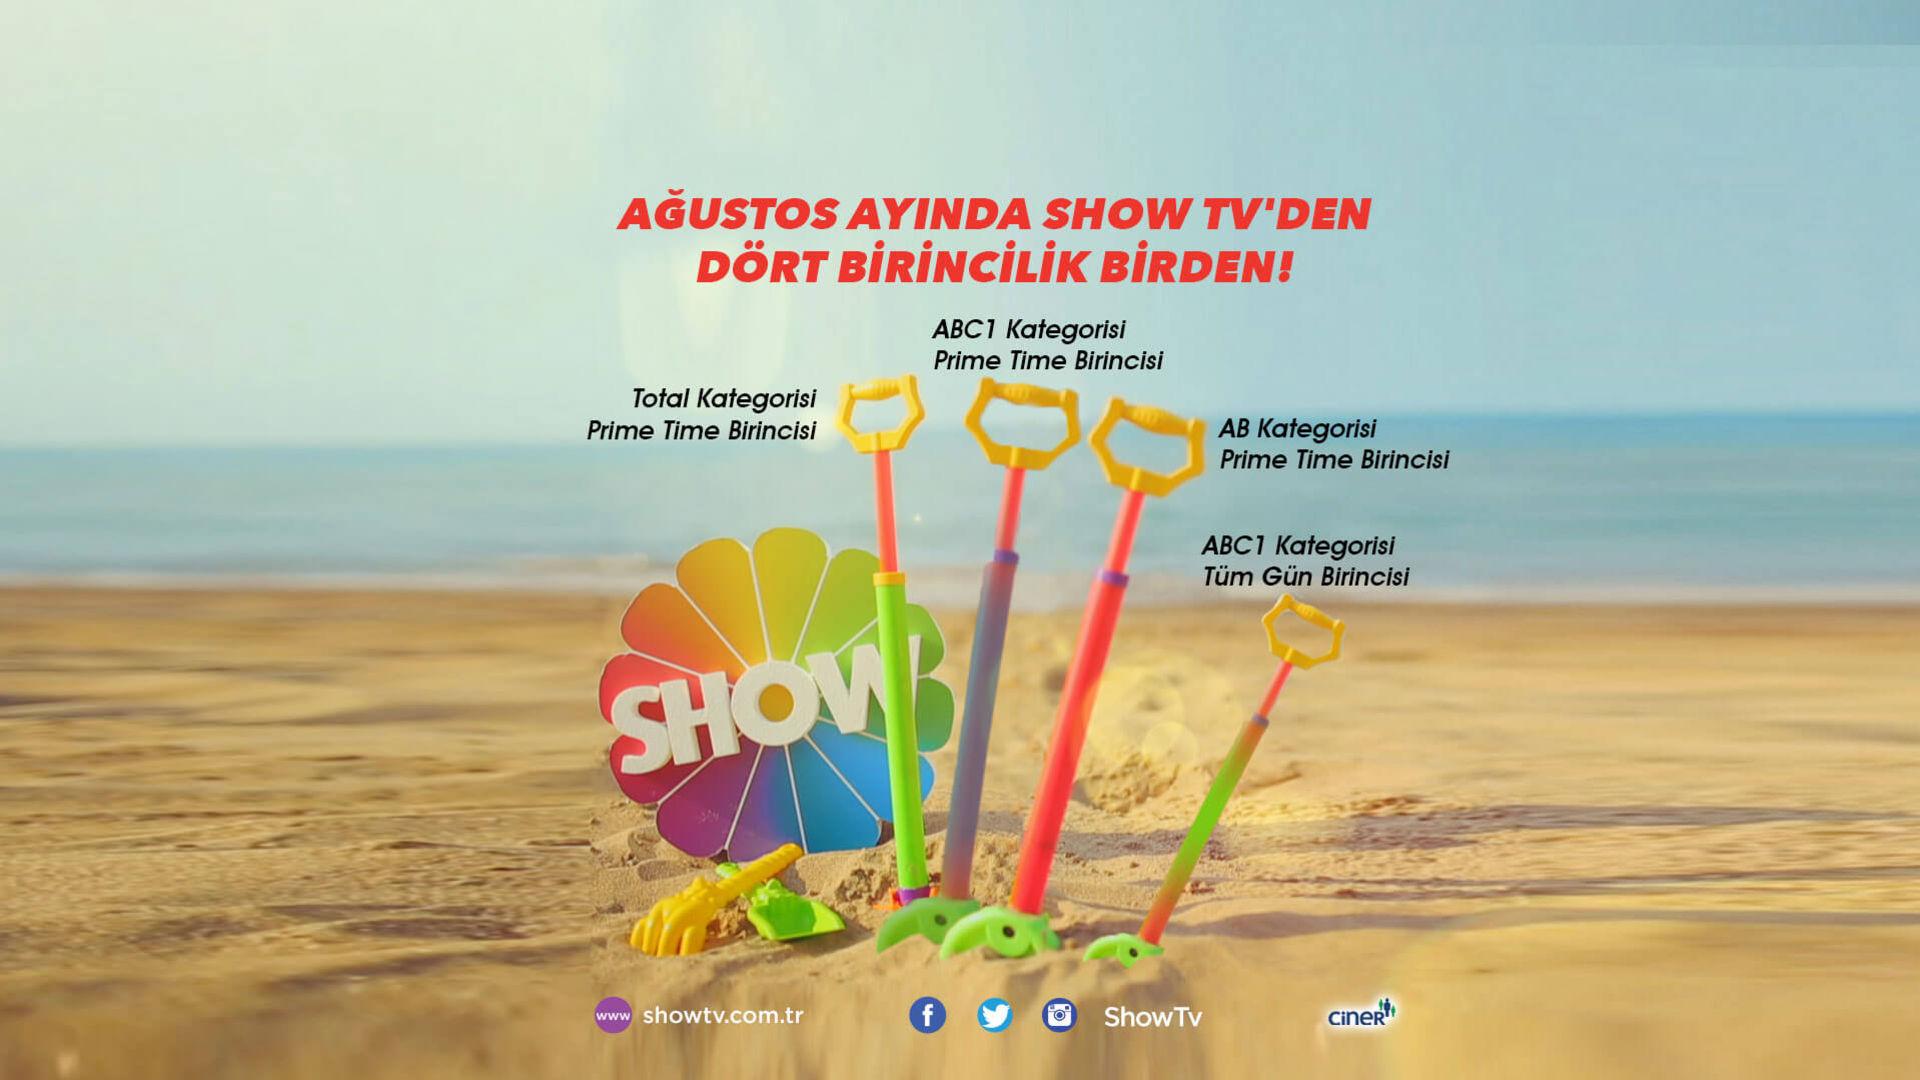 Ağustos ayında Show TV'den dört birincilik birden!